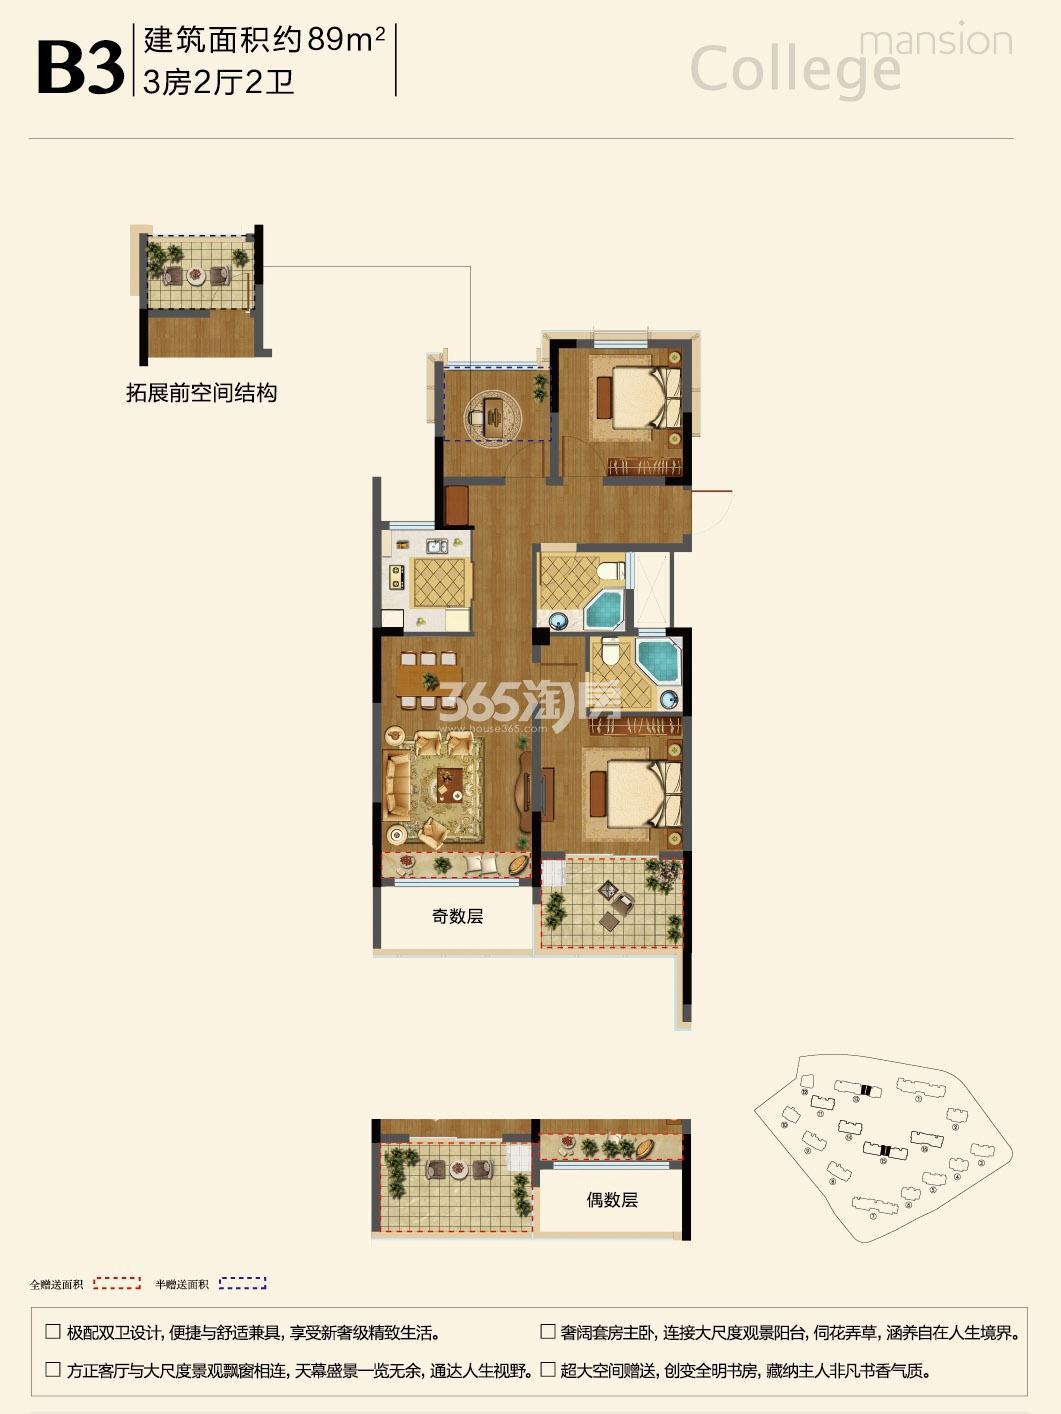 融信学院府项目13、15号楼中间套 B3户型 89㎡